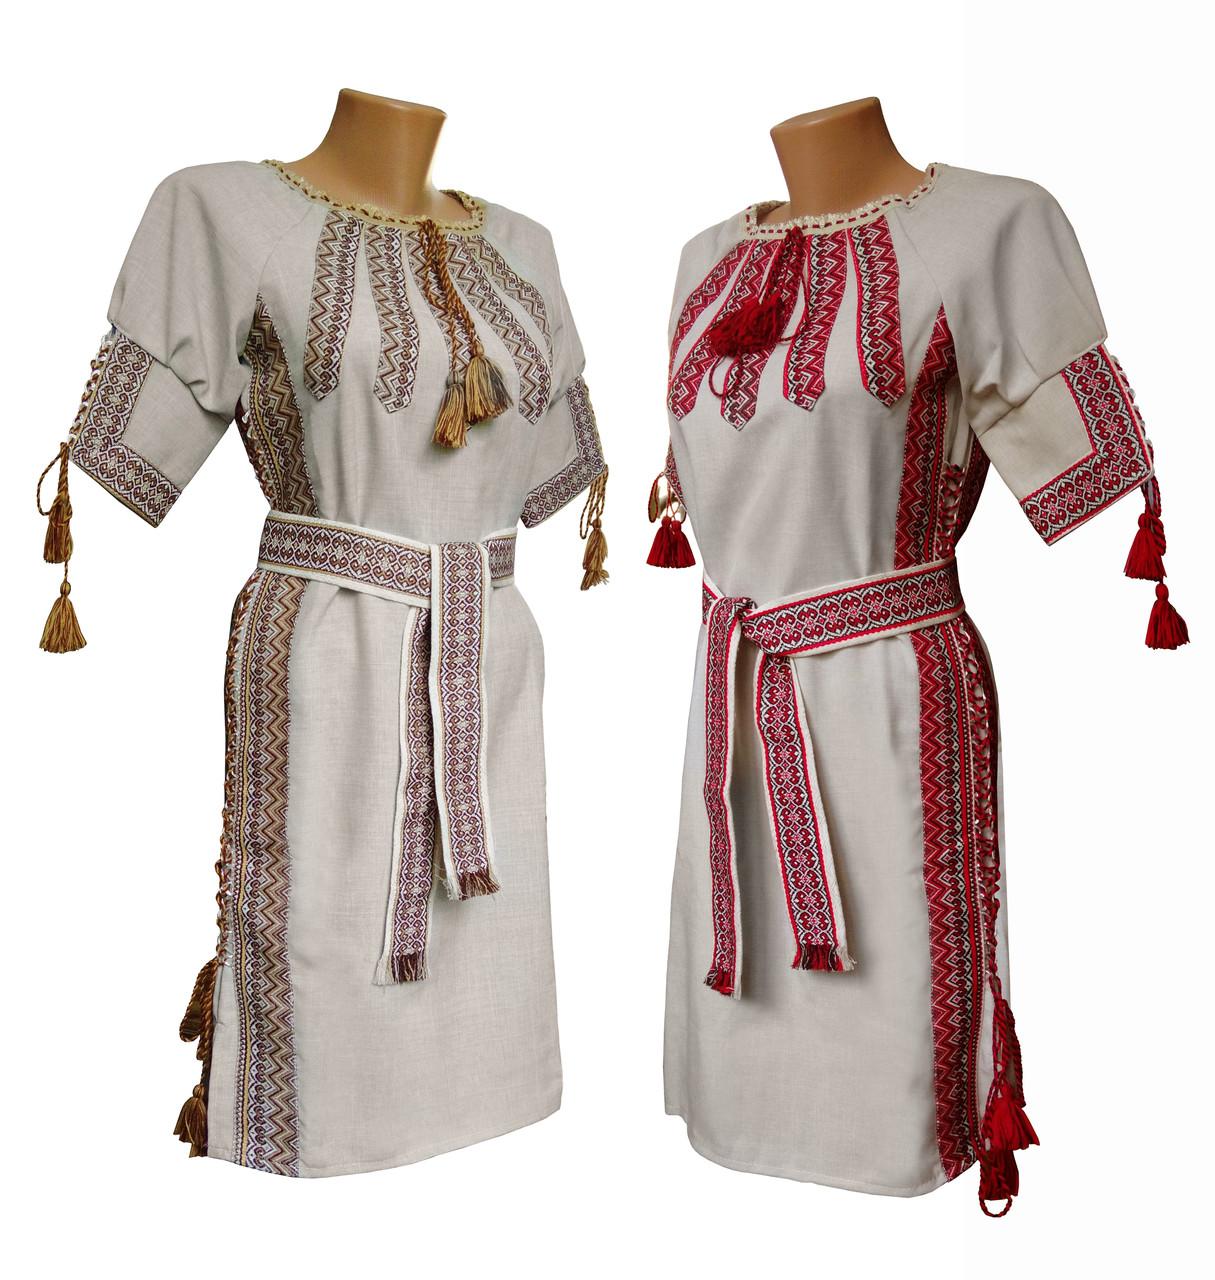 Украинское женское вышитое платье с поясом средней длины и коротким рукавом